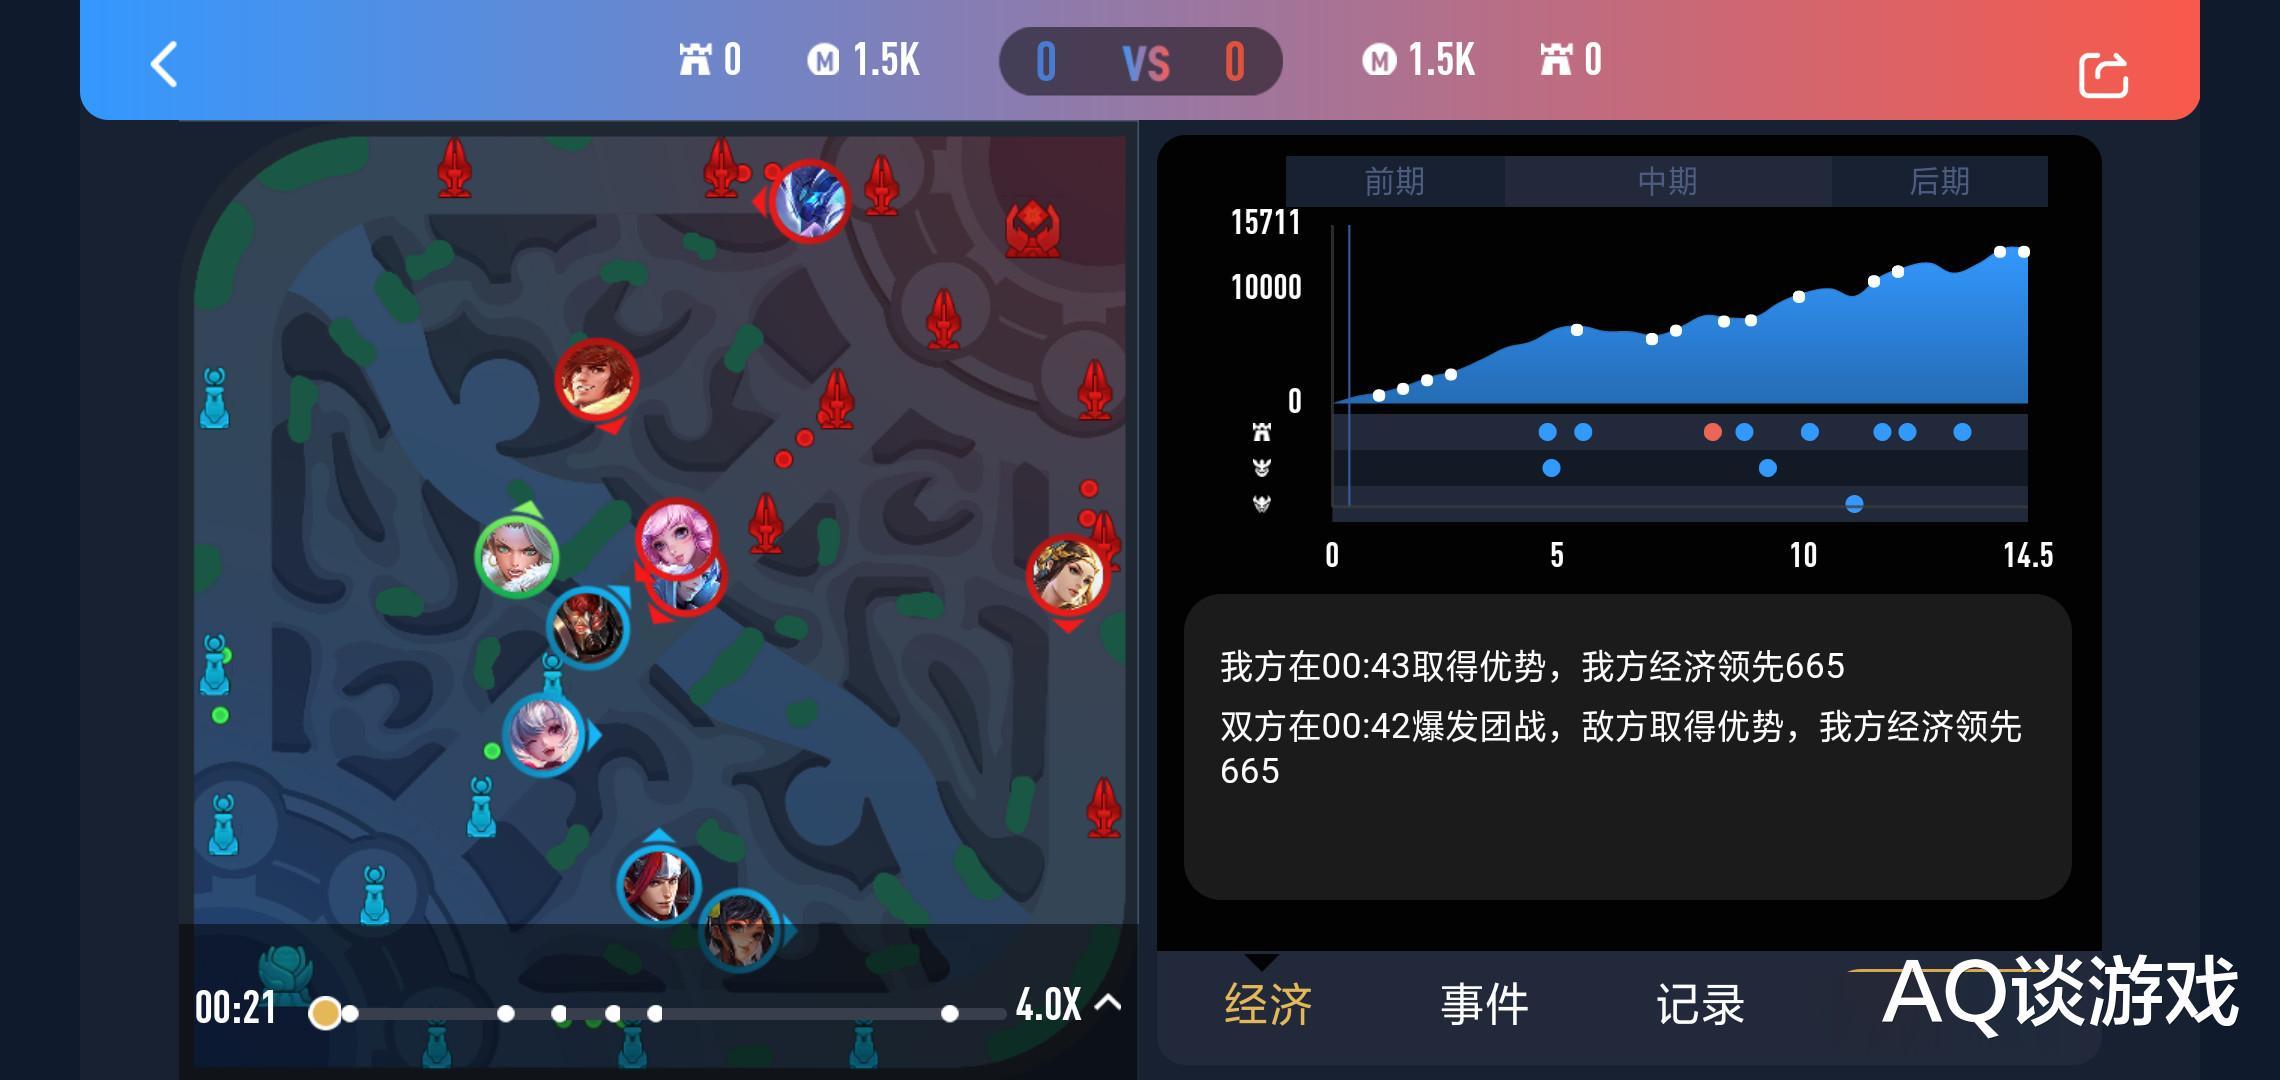 《【煜星娱乐手机版登录】王者荣耀:已引起代练关注,玩家发现新组合,或将成主流打法》